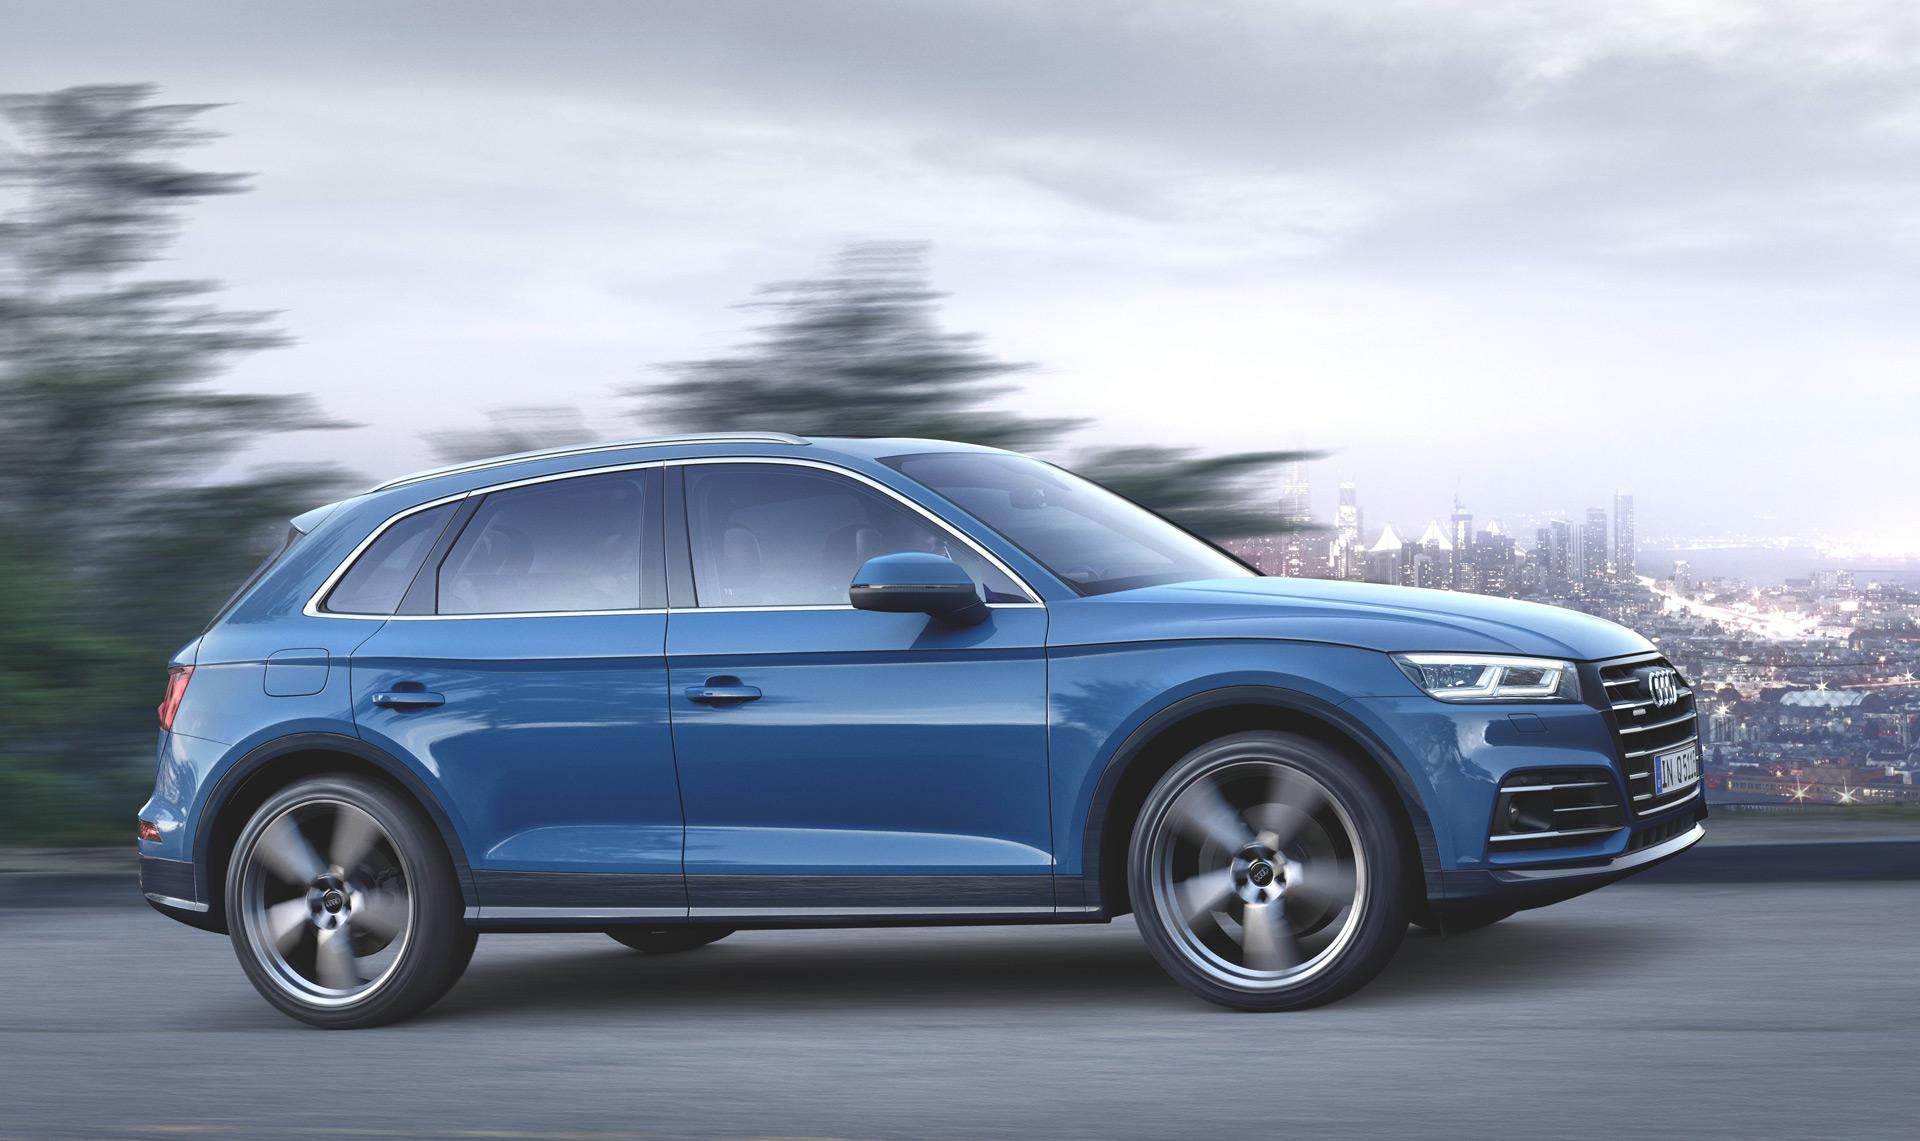 Kekurangan Audi Q5 Review